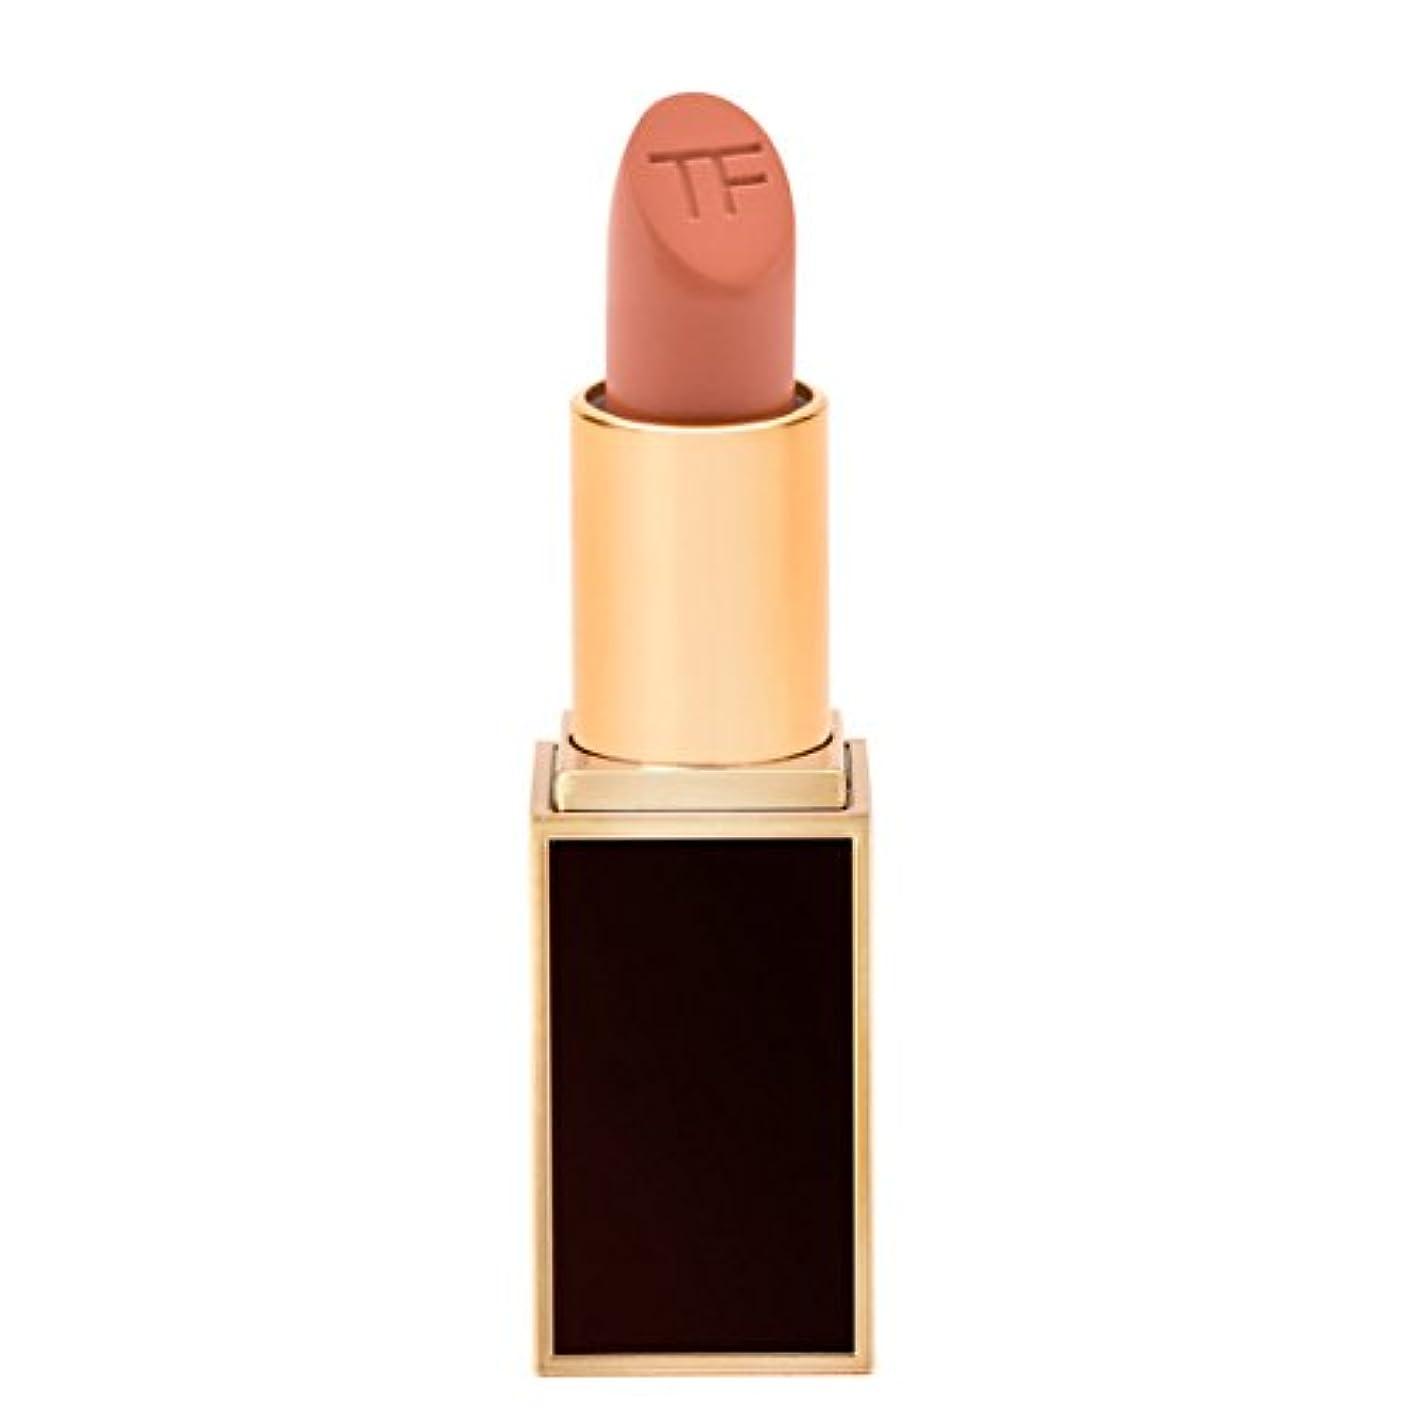 政治家の感情の隠されたトム フォード Lip Color - # 59 Erogenous 3g/0.1oz並行輸入品